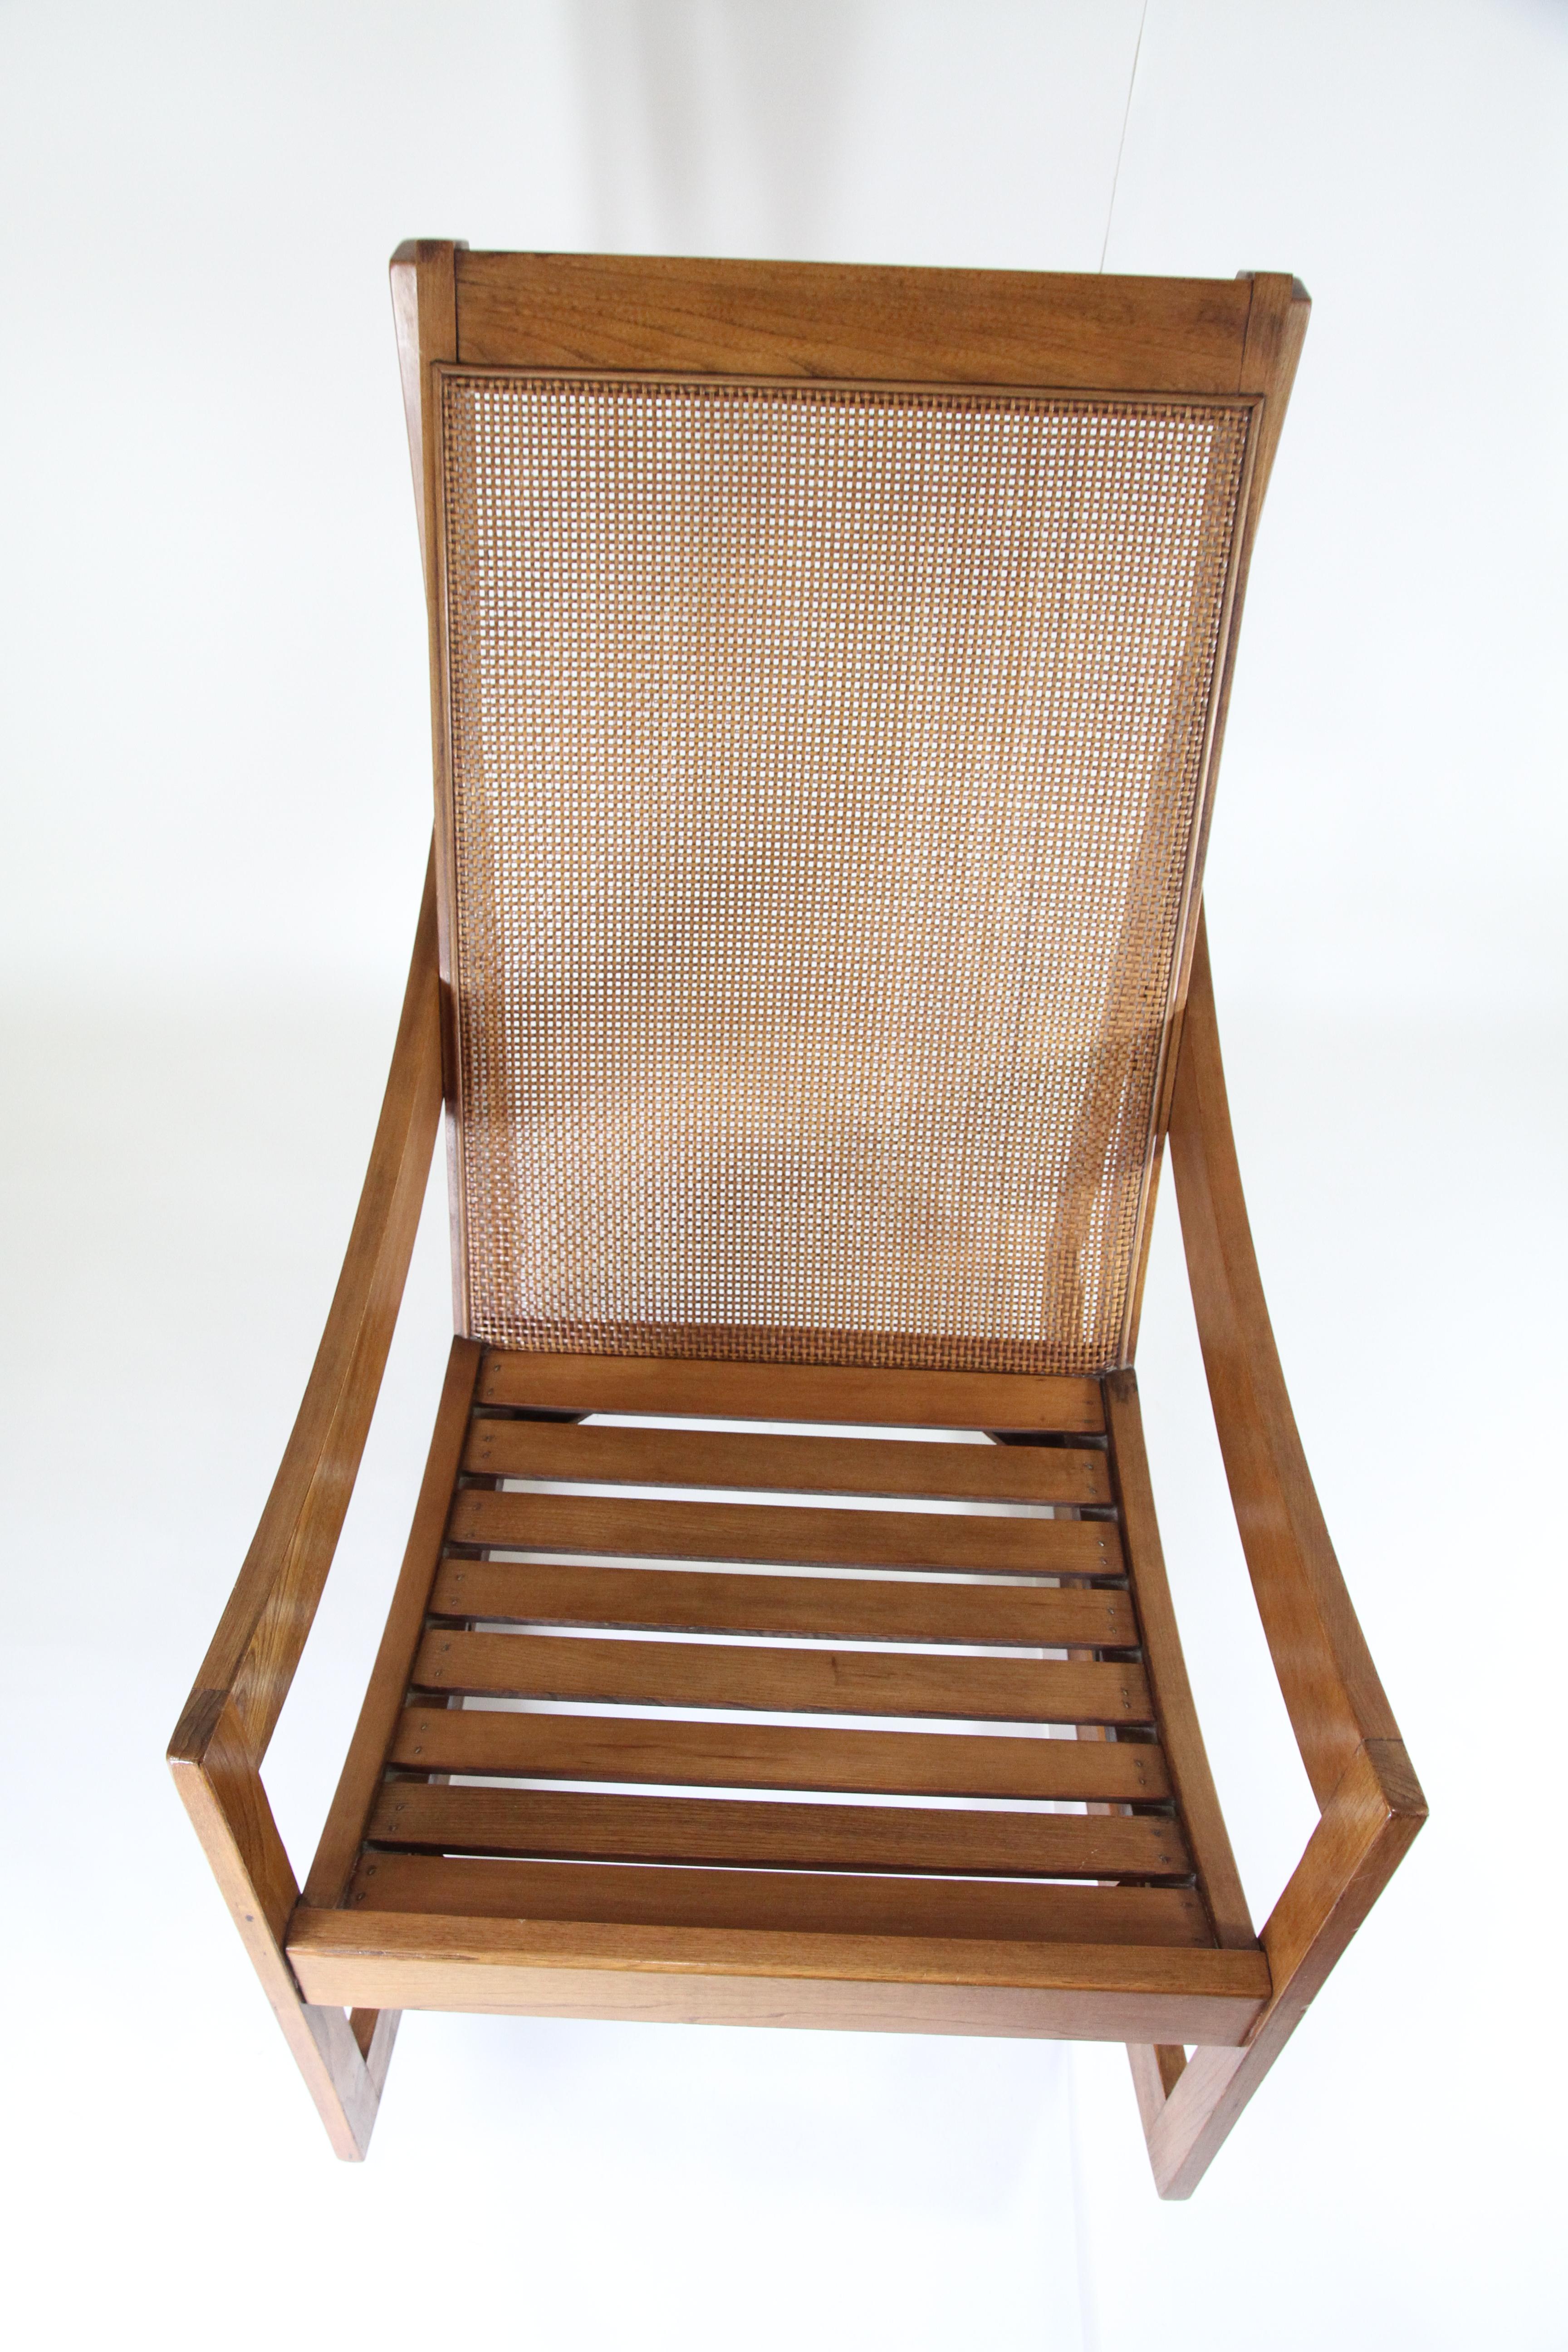 Antique Scandinavian Rocking Chair Scandinavian Wood Rocking Chair Chairish